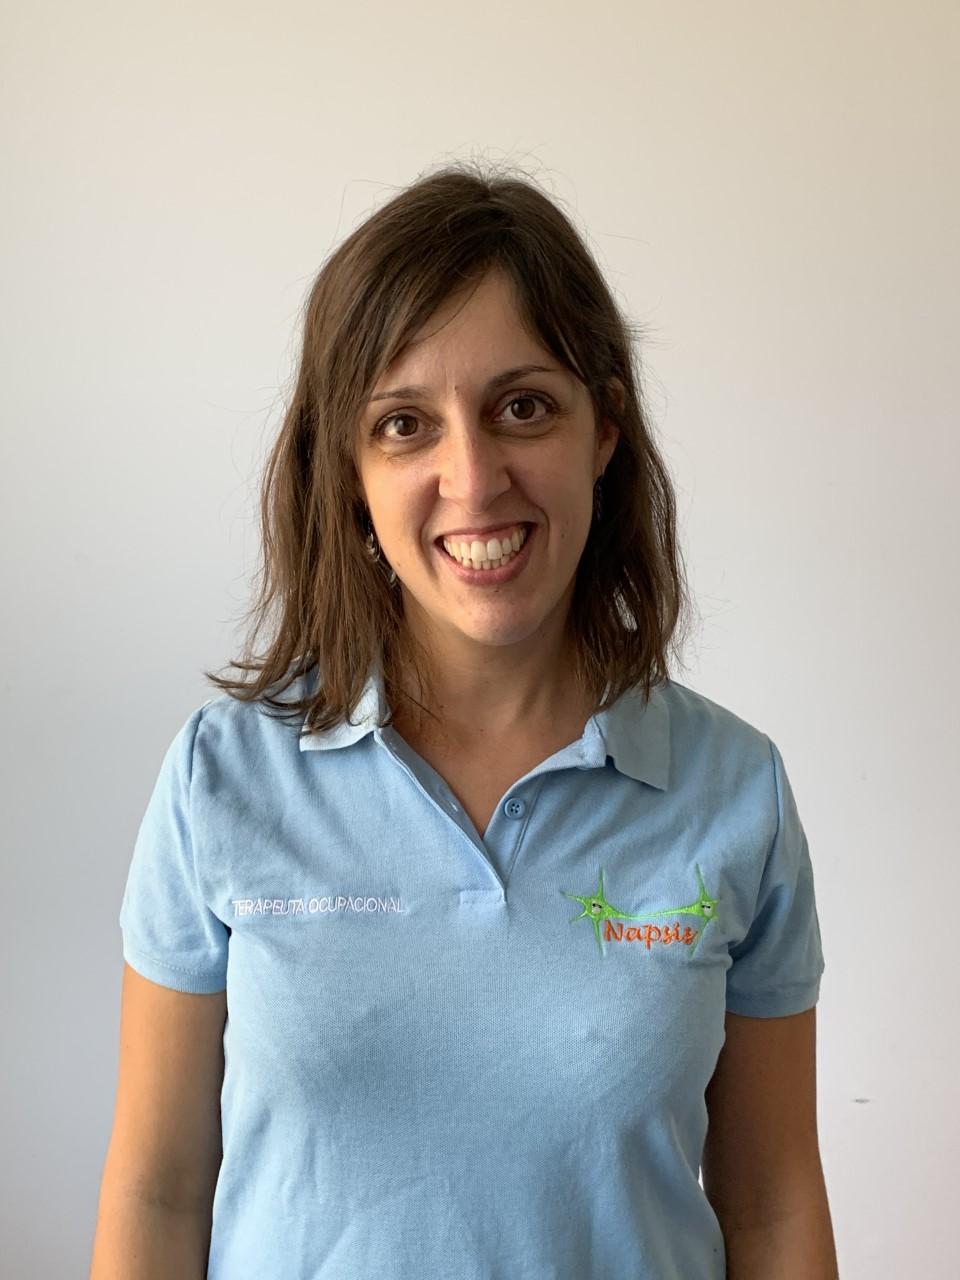 Ángela Barrocal - Terapia Ocupacional